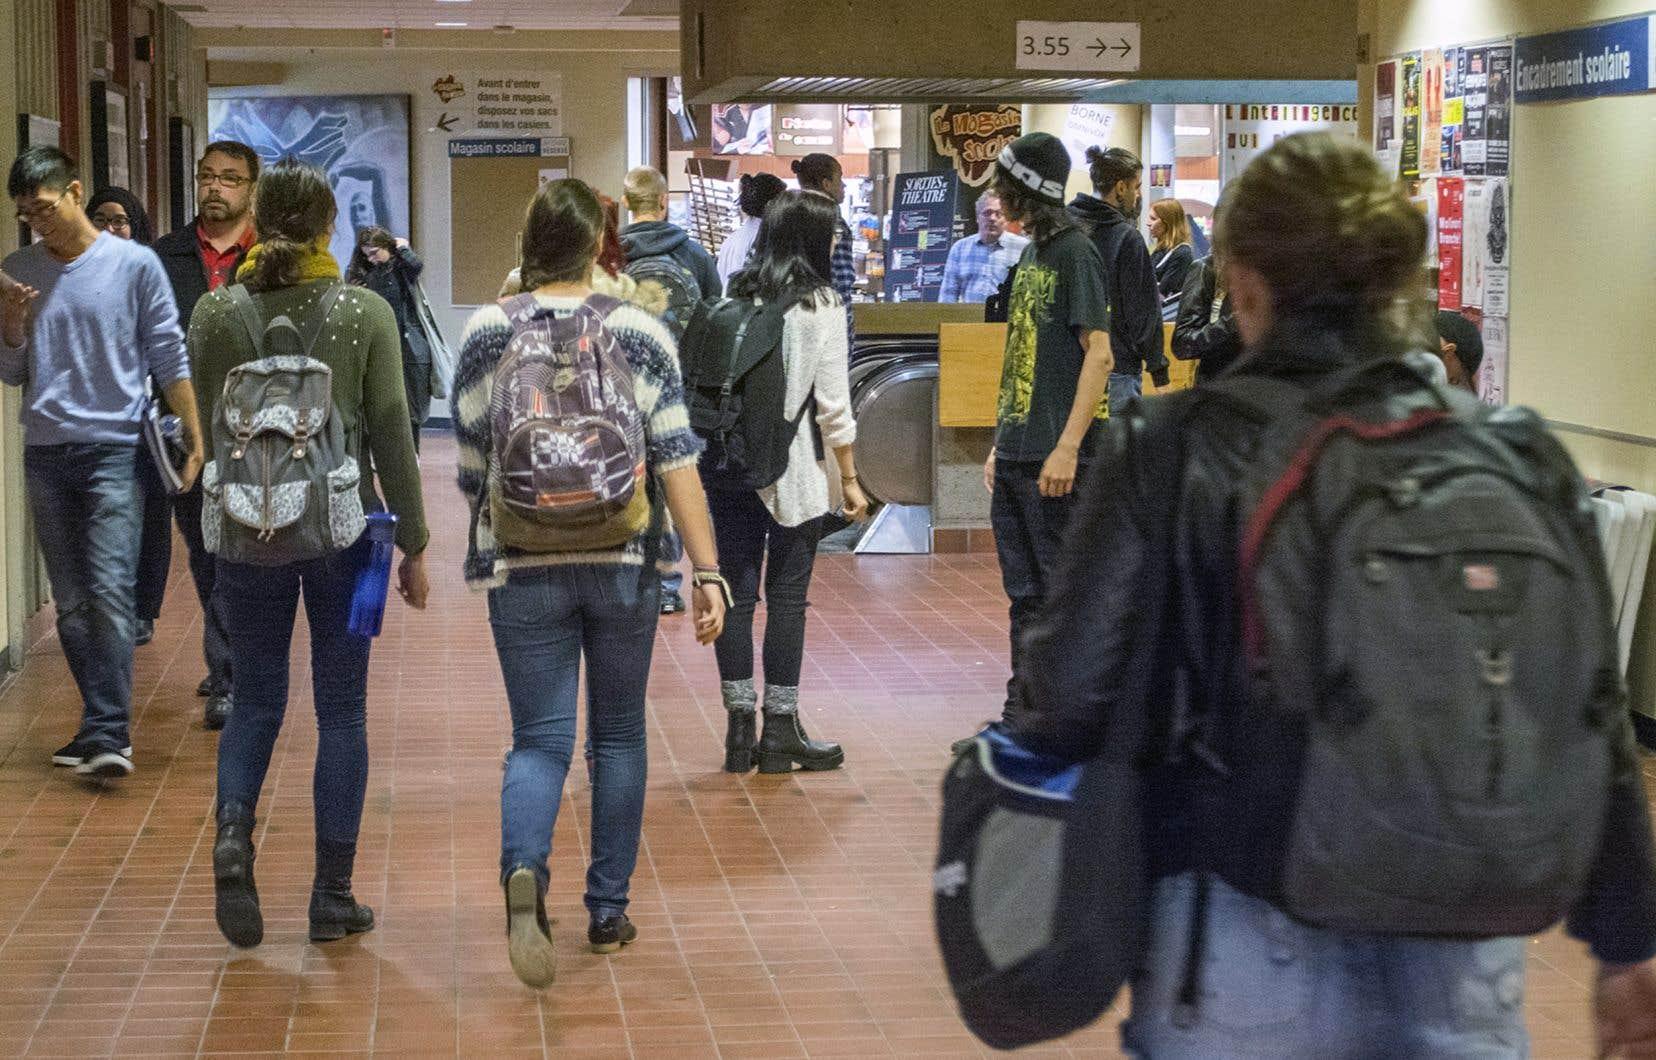 Adoptée en décembre dernier, la loi 151 oblige les établissements d'enseignement supérieur à adopter un code de conduite ainsi qu'un processus de plainte, d'intervention et de sanction pour combattre les violences sexuelles.